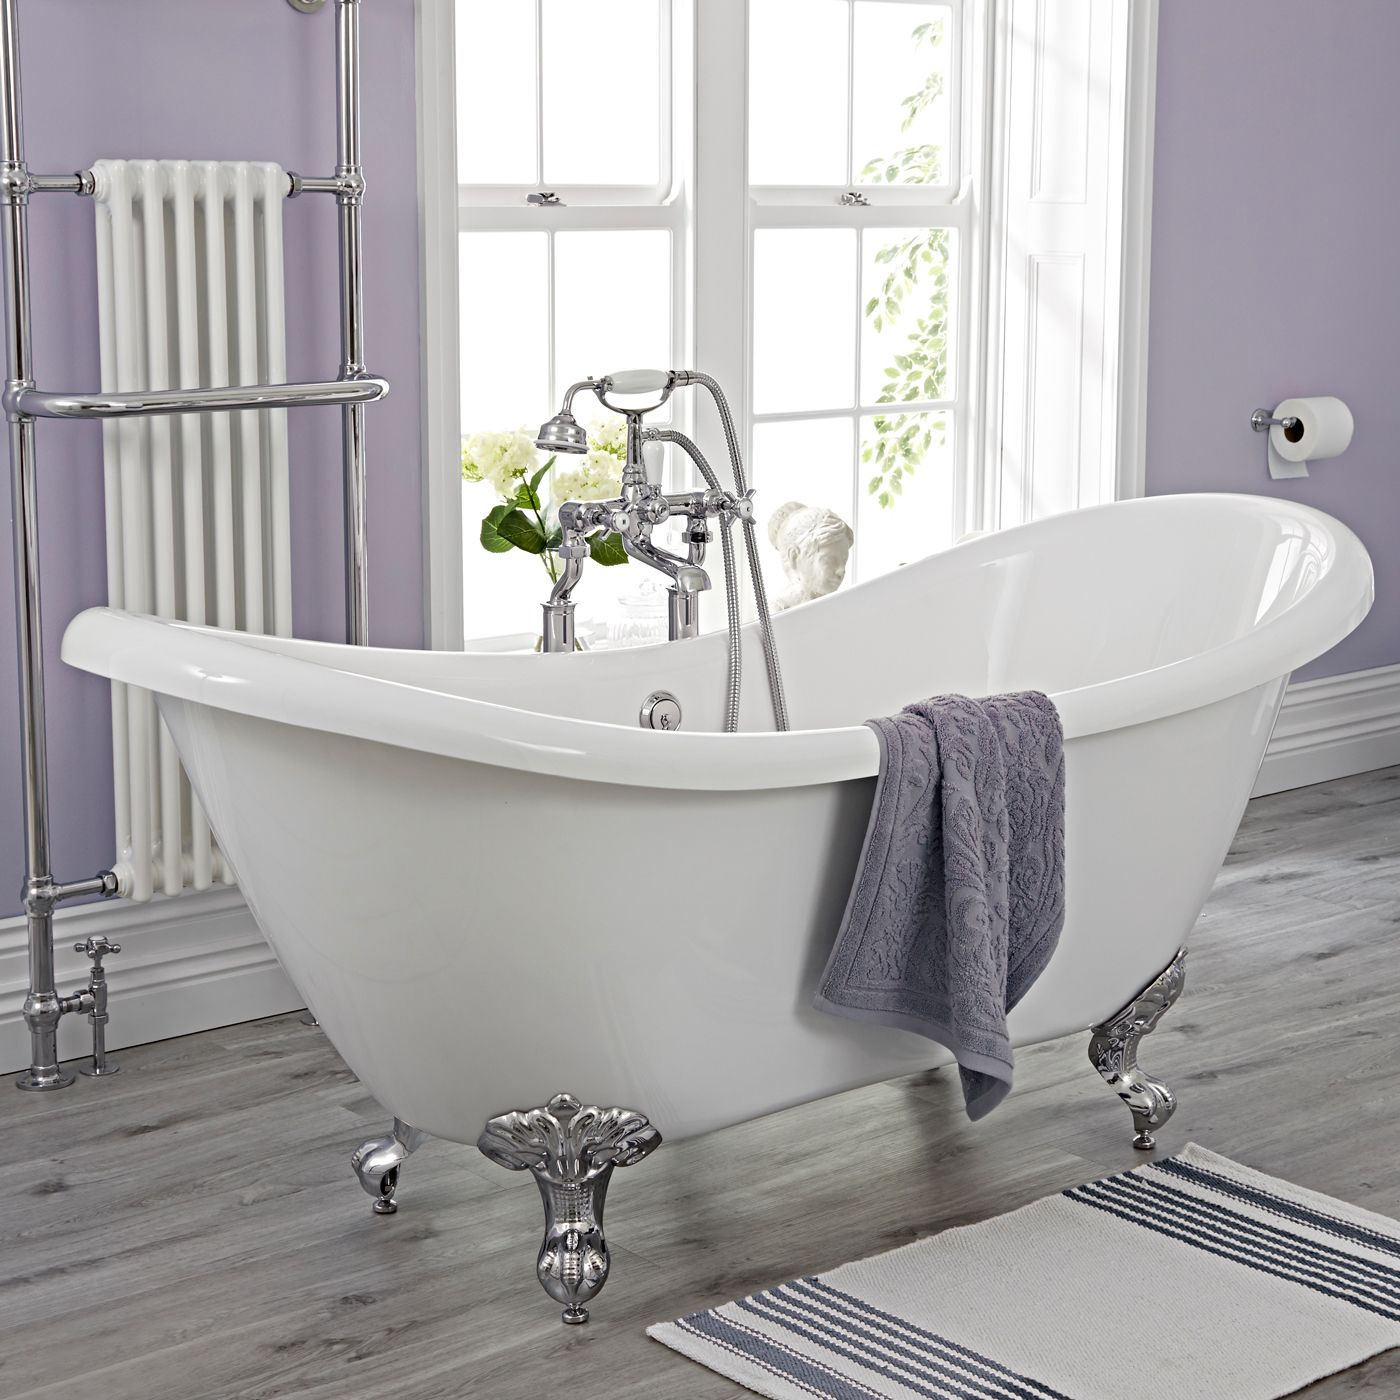 baignoire lot 72 x 175cm avec choix de pieds verona. Black Bedroom Furniture Sets. Home Design Ideas